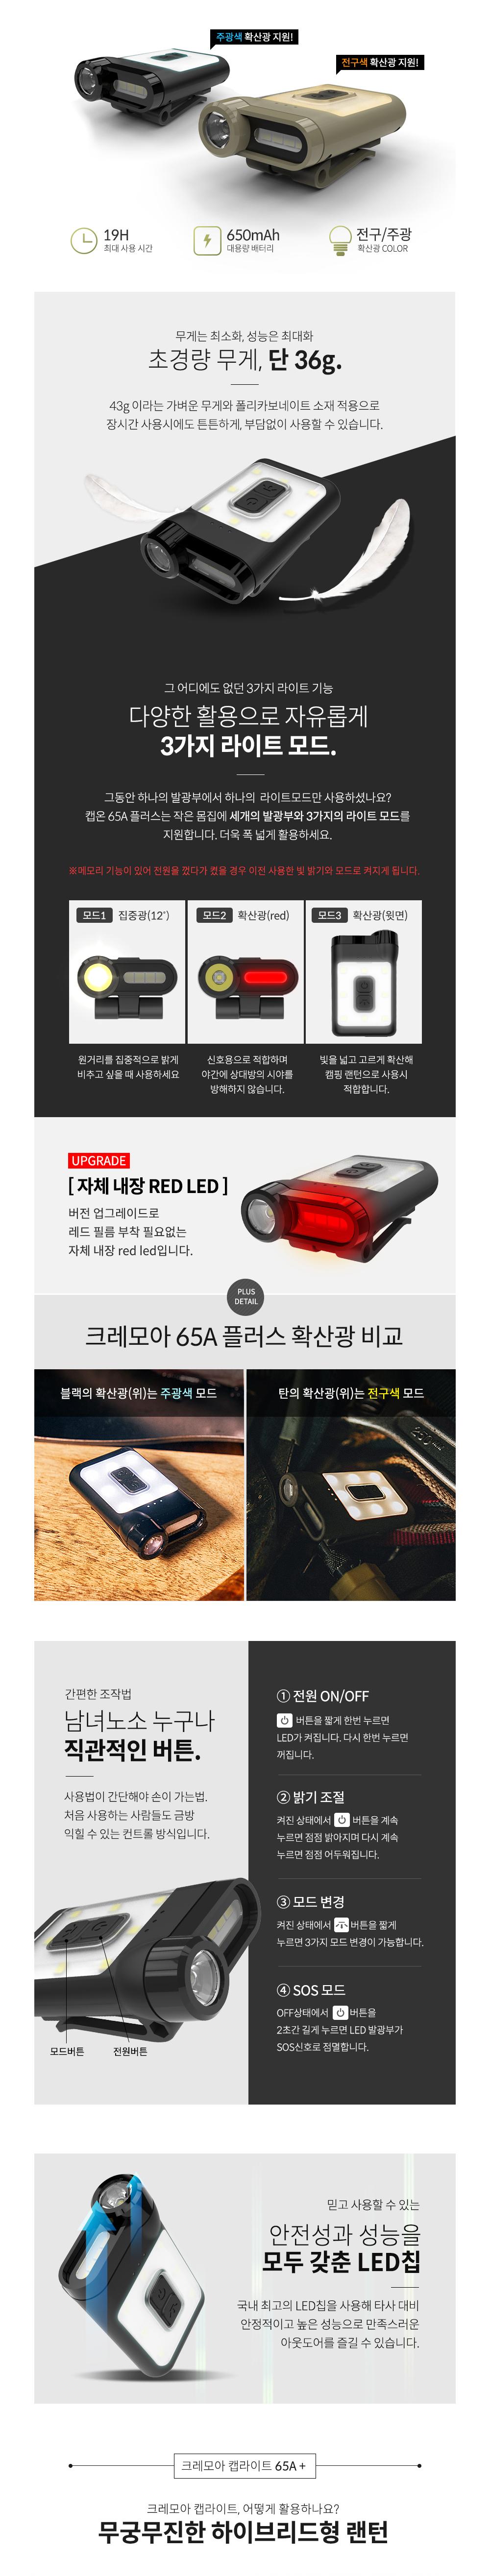 프리즘 크레모아 캡온 40A LED캡라이트 (충전식) 충전식캡라이트 클레모아 크레모아캡라이트 캡온